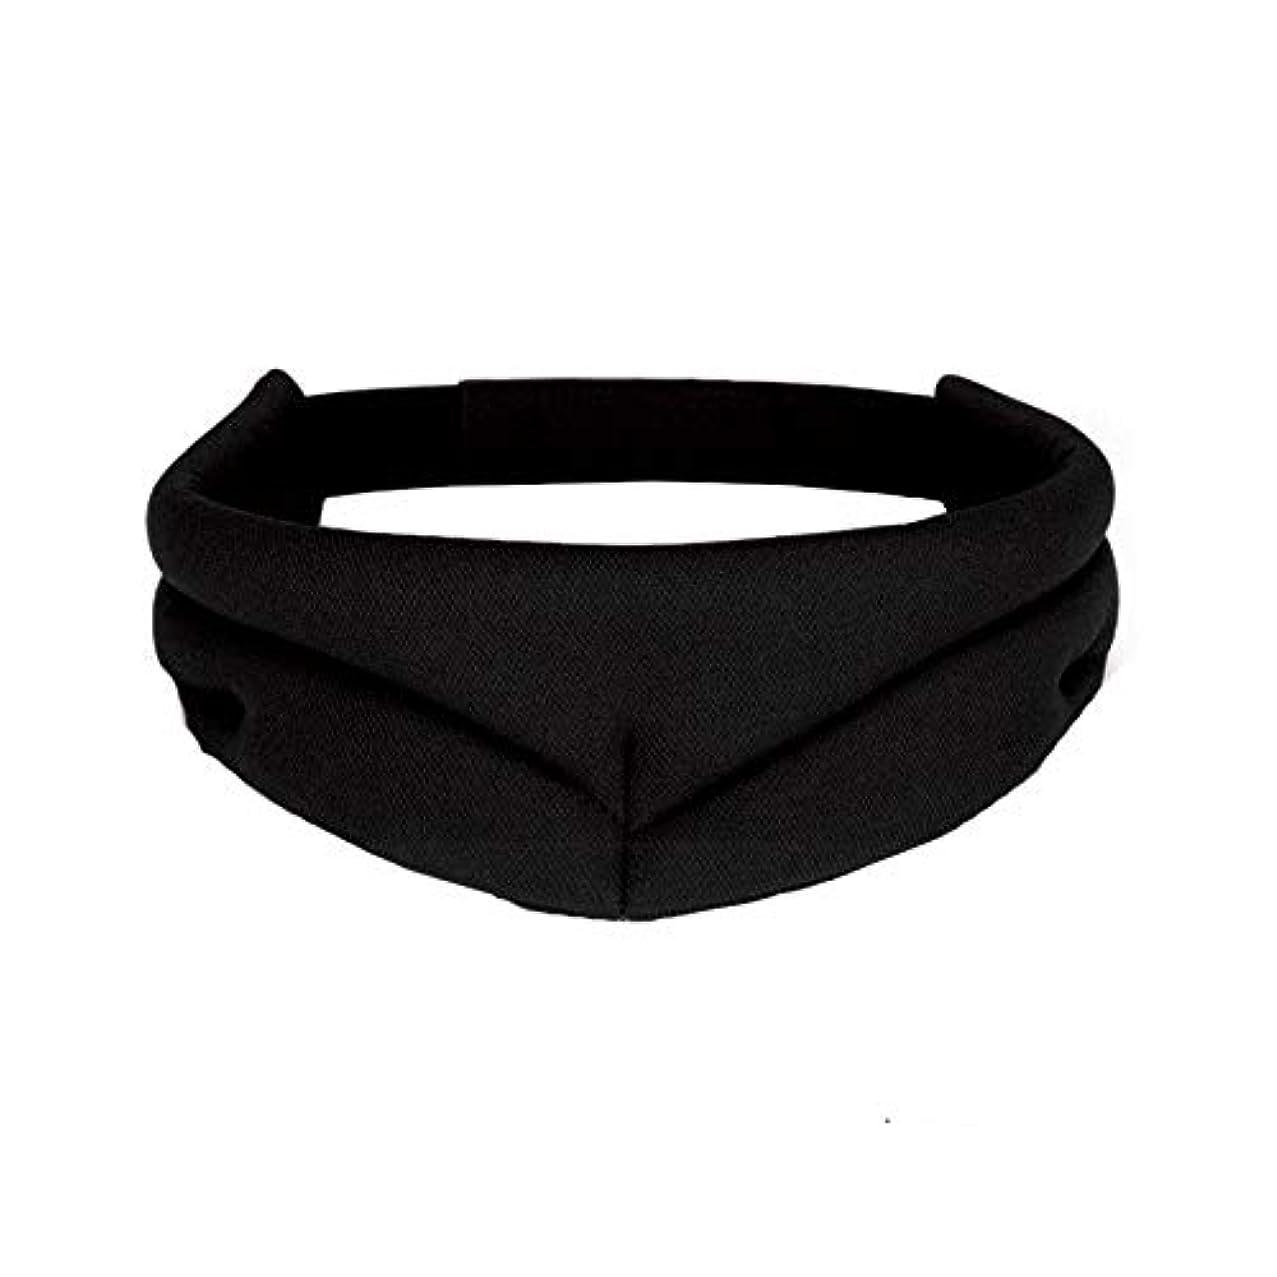 自明懲らしめトリクルNOTE 高級3d睡眠マスク高速睡眠アイマスク旅行残りアイシェードカバーシェードアイパッチソフトポータブル目隠しエイドアイリラックス